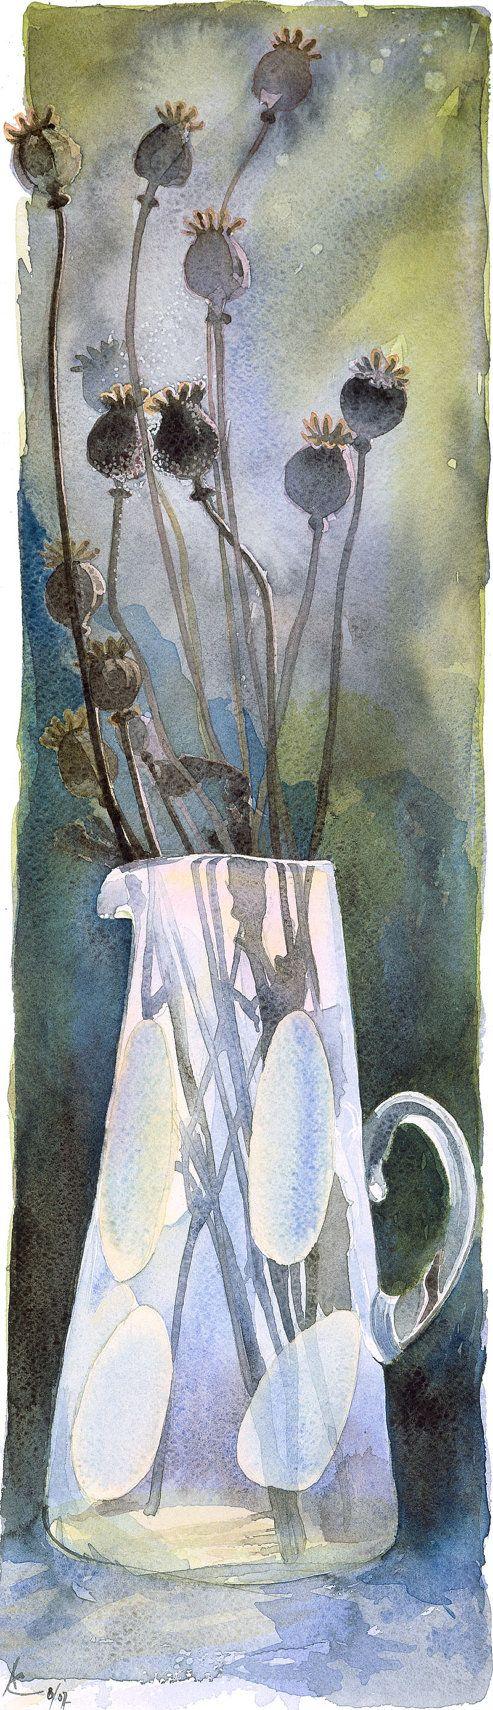 Têtes de pavot dans un vase, aquarelle Giclée print